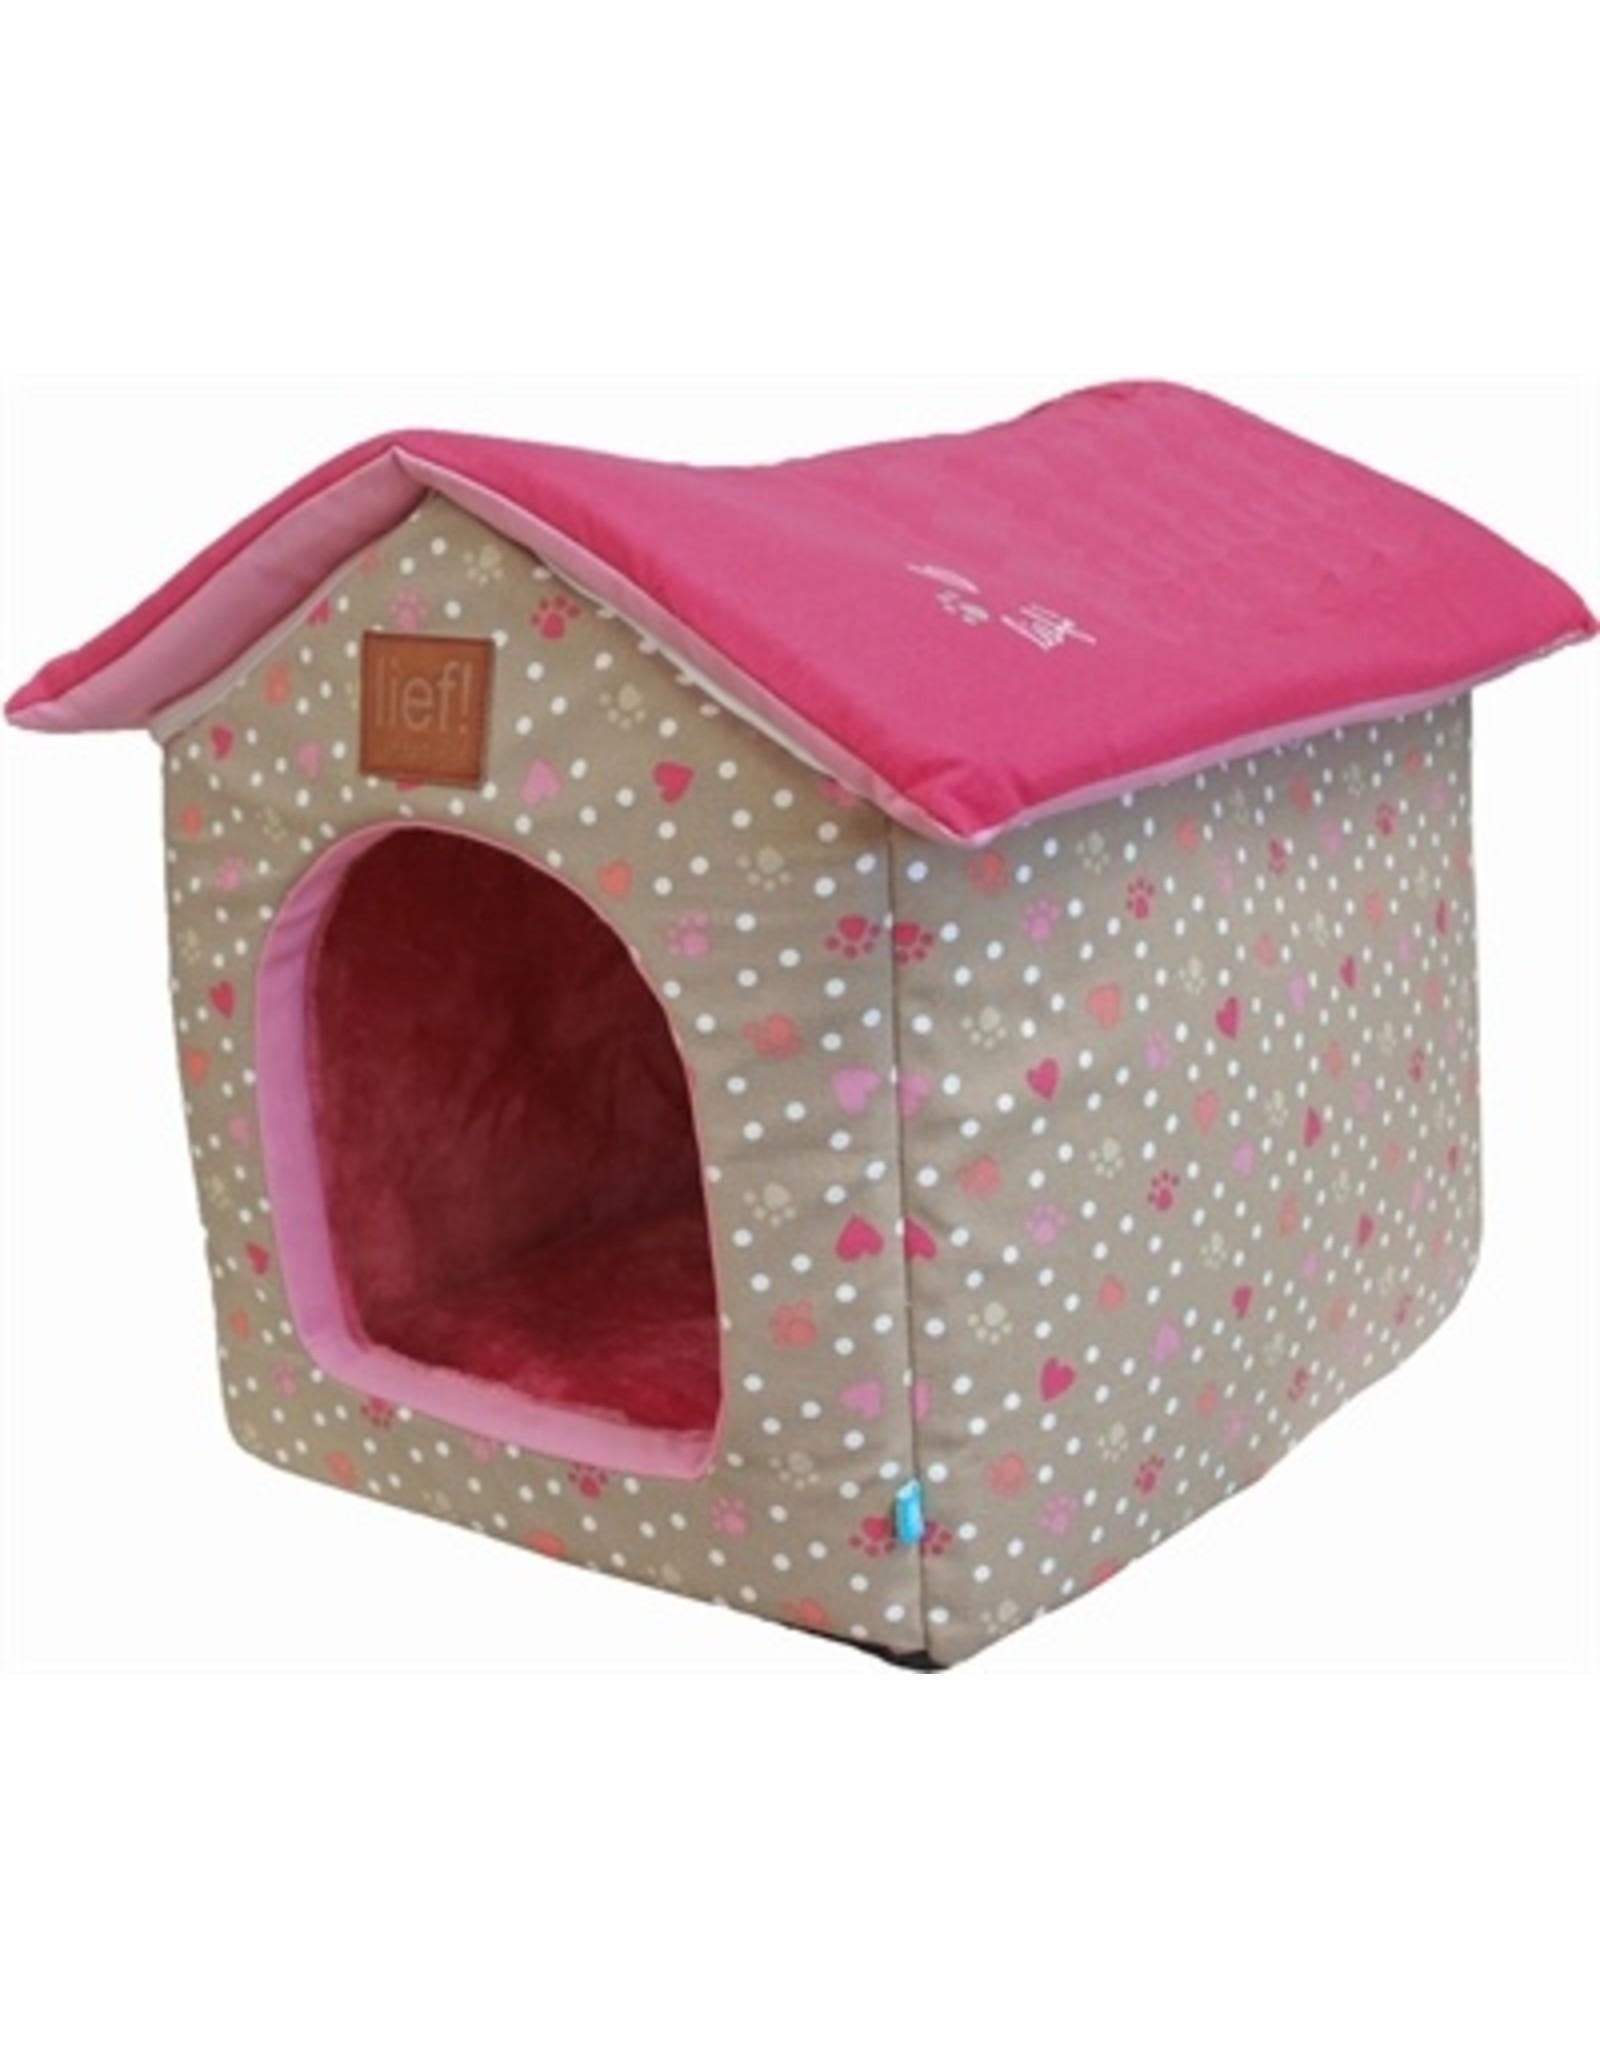 Lief! Lief! hondenmand / kattenmand huis girls beige / roze